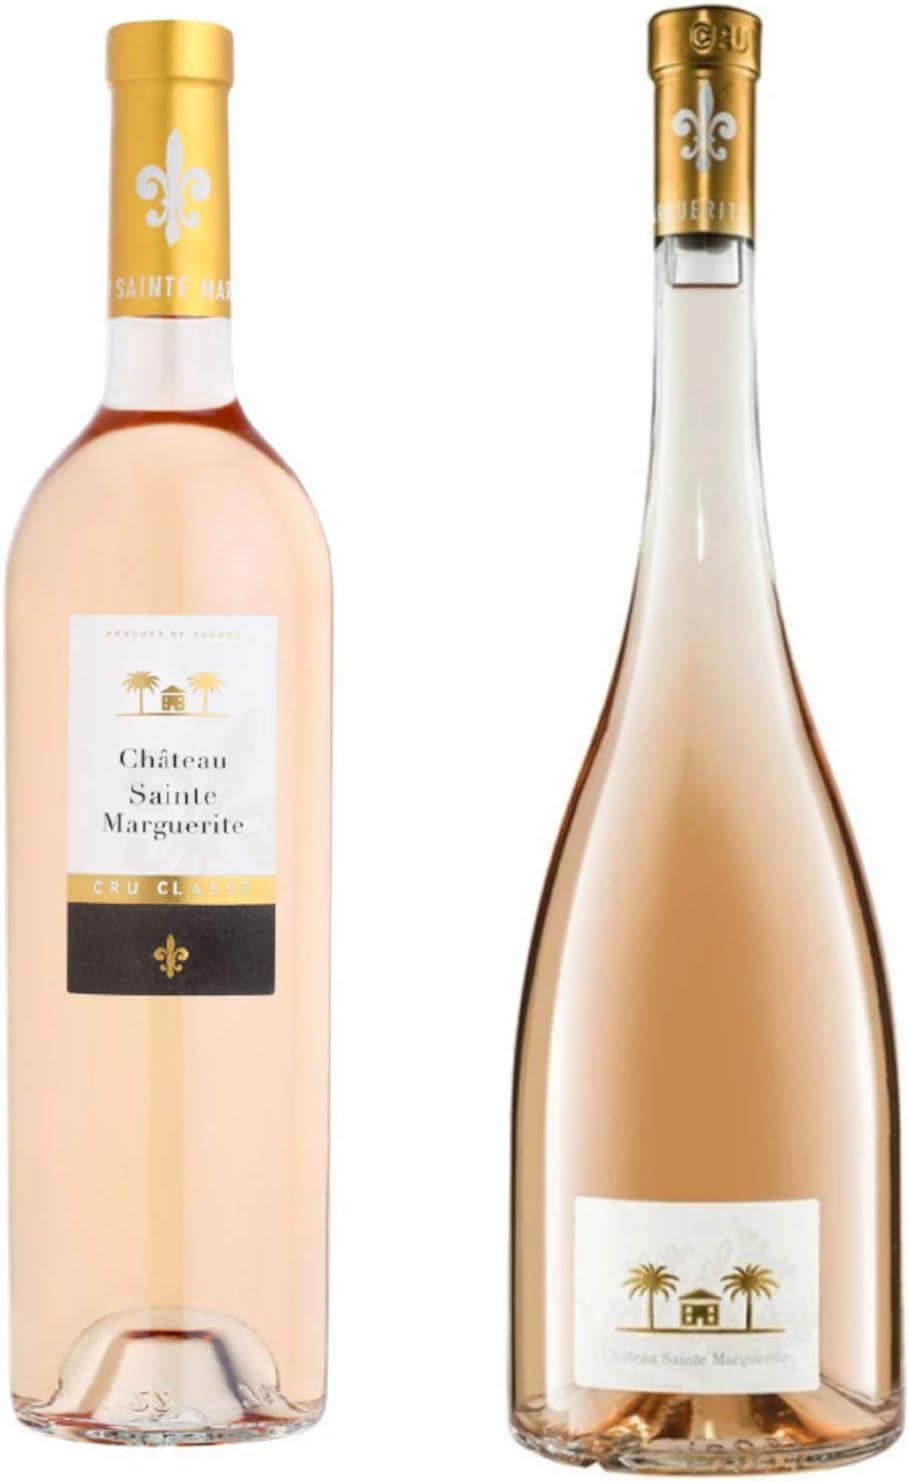 Best of Provence - Lot de 2 bouteilles - Château Sainte Marguerite : Symphonie/Cru Classé - Côtes de Provence Rosé 2019 (2 * 75cl)